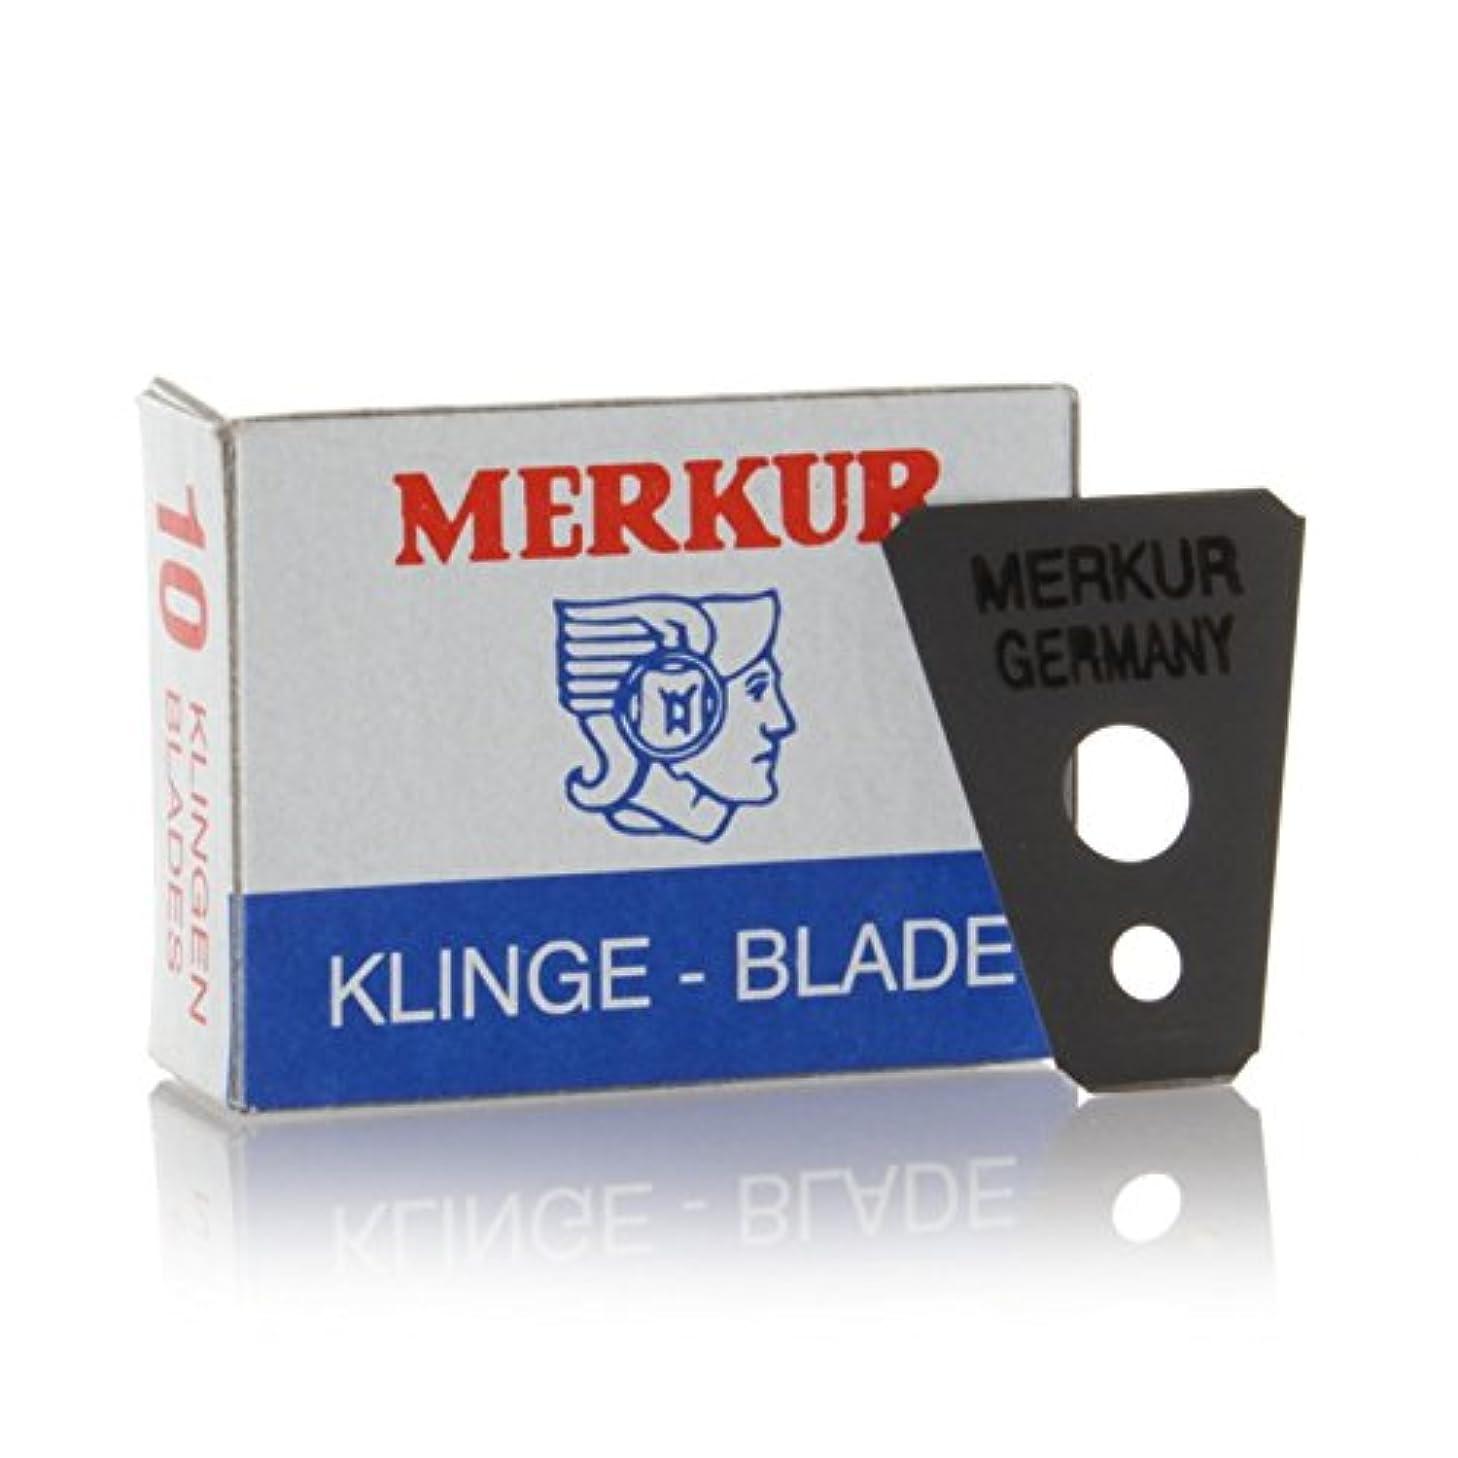 顧問受け入れた肌寒いMERKUR Solingen - Razor blades for moustache shaver, 10 pieces, 90908100